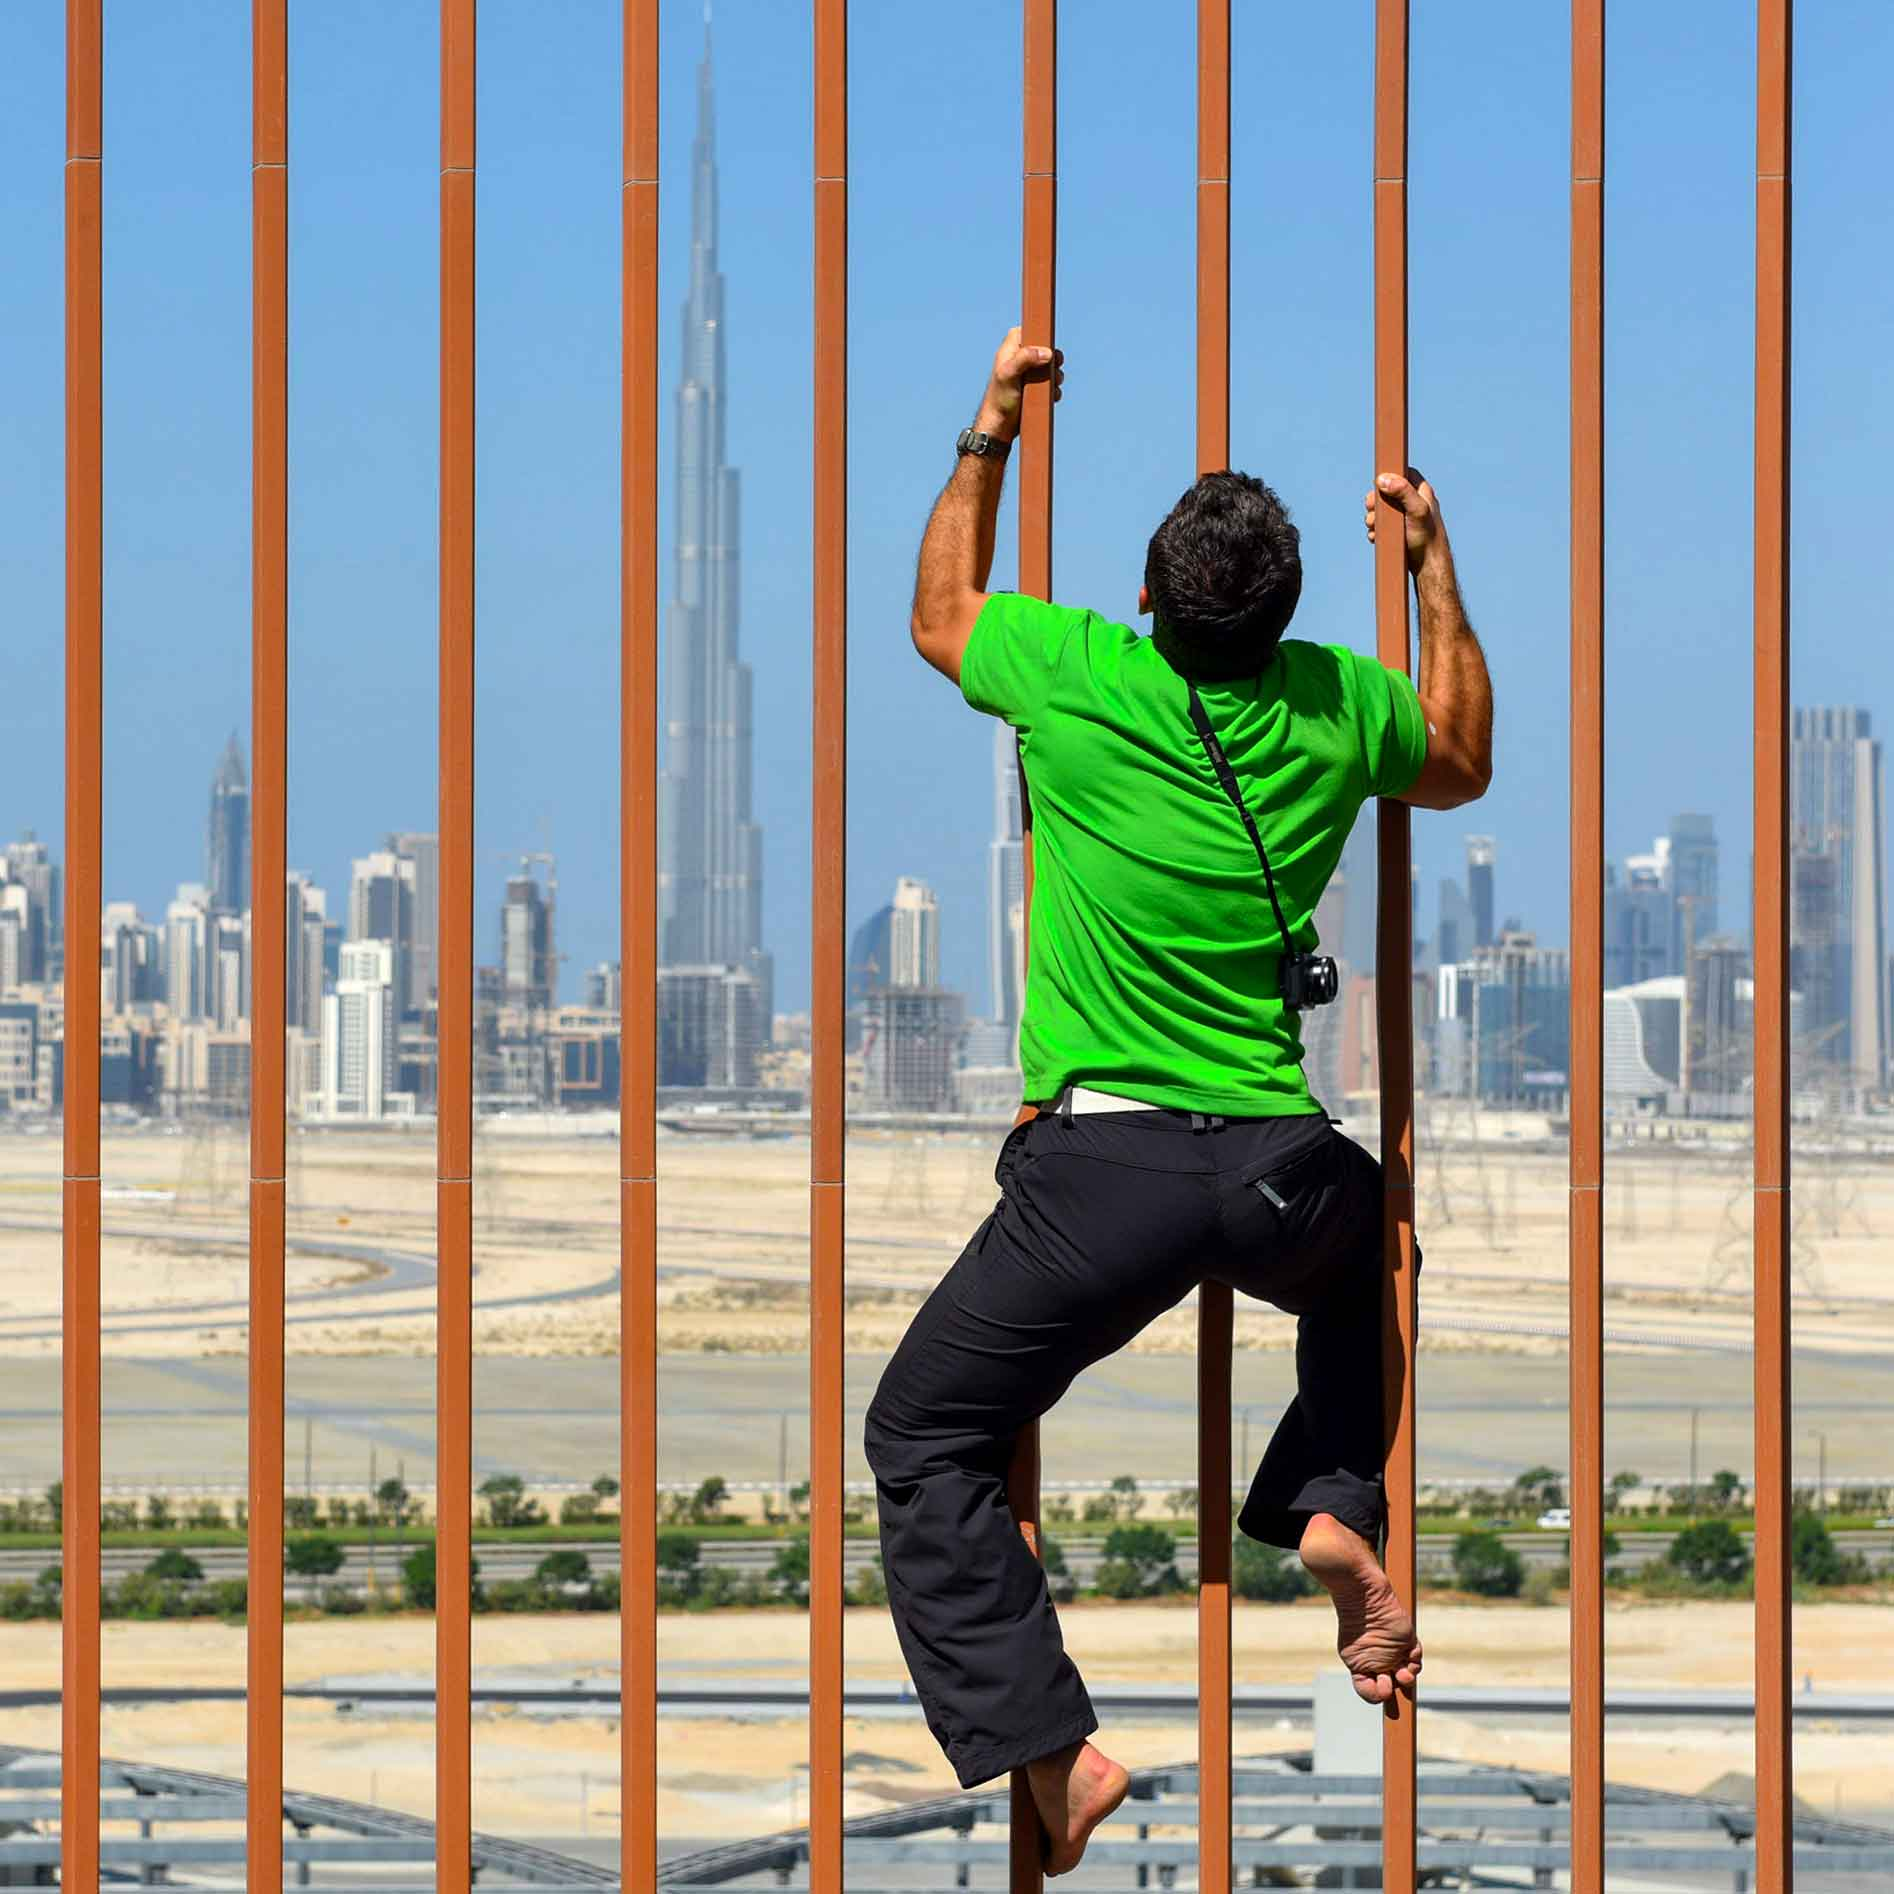 With #nikonJ1, #Fortiswatch, #BurjKhalifa, #Dubai, #WorldAIShow